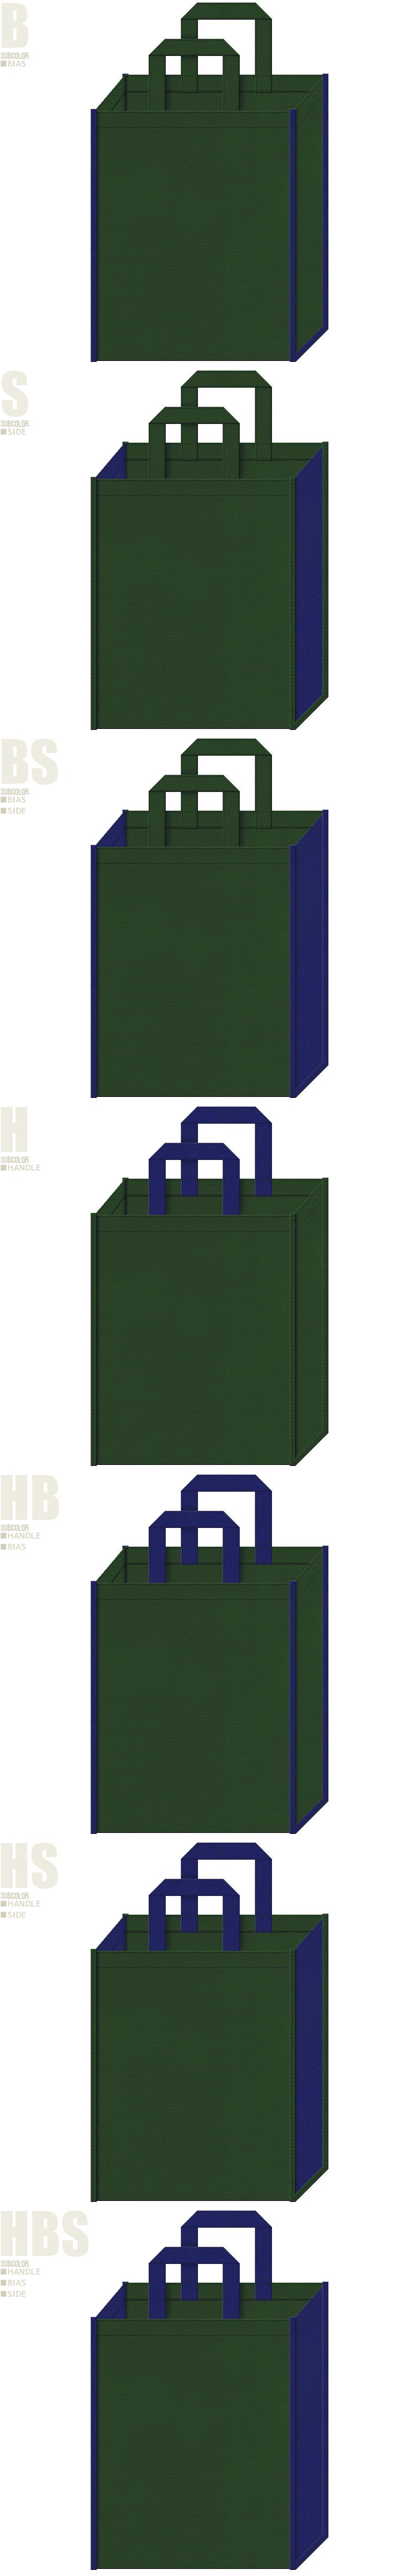 濃緑色と明るめの紺色、7パターンの不織布トートバッグ配色デザイン例。